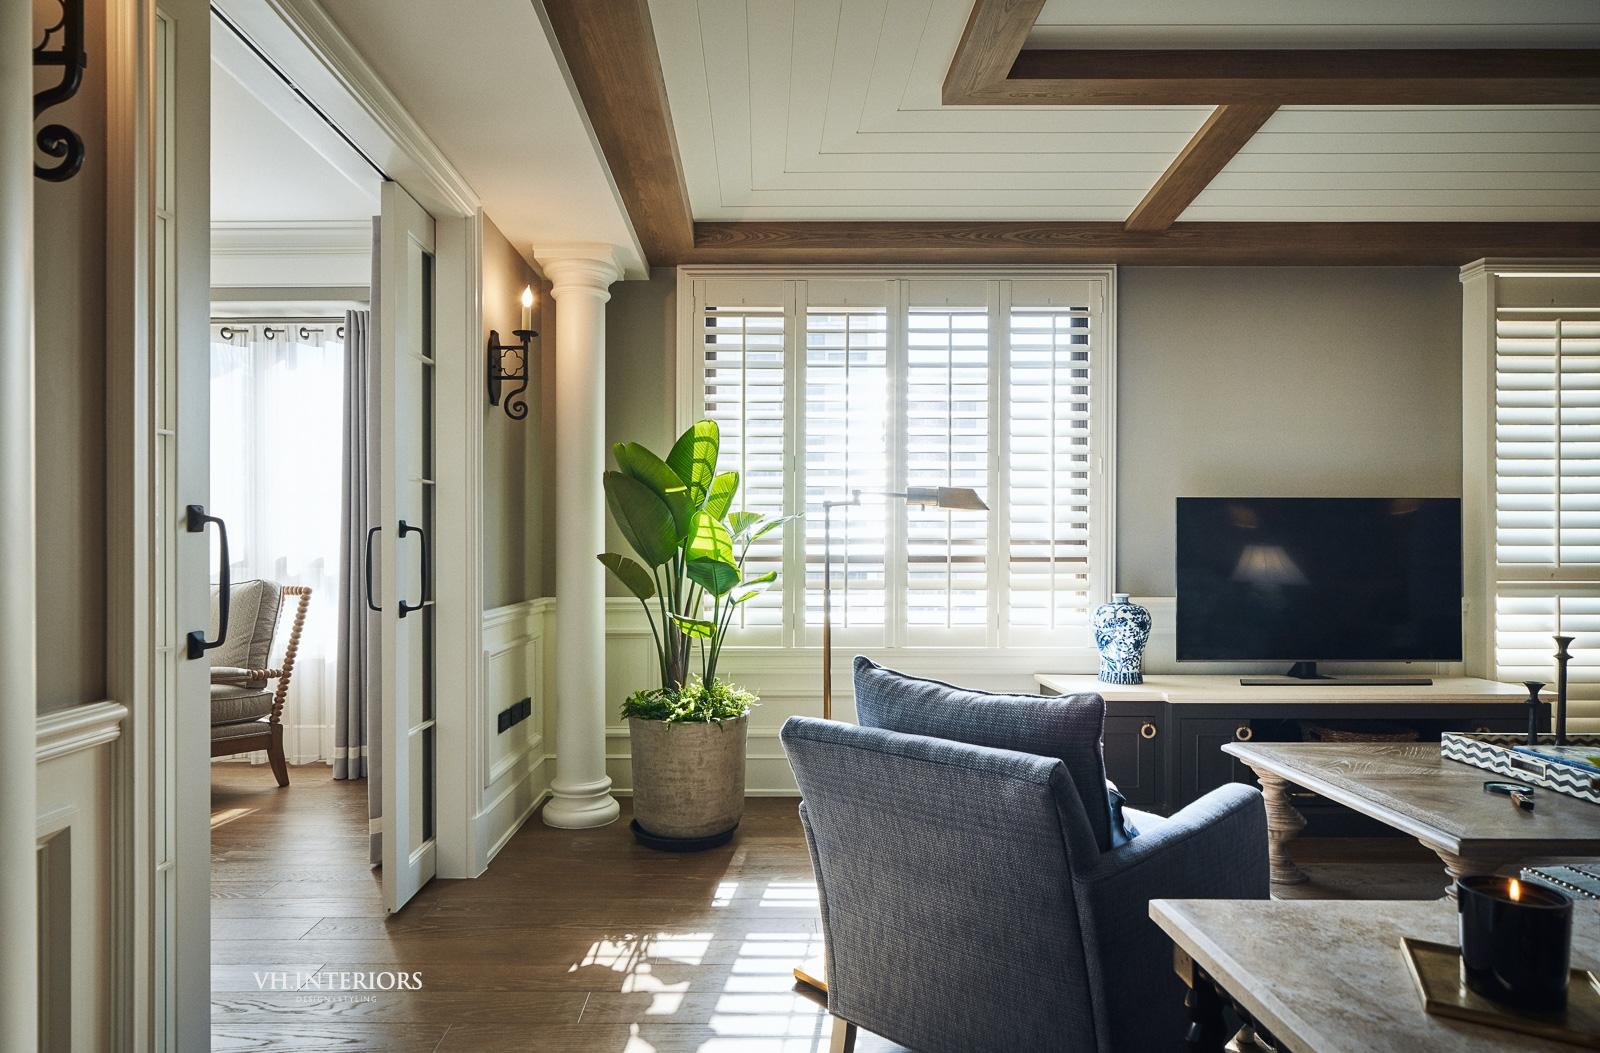 VH_ApartmentWithDog-261.jpg